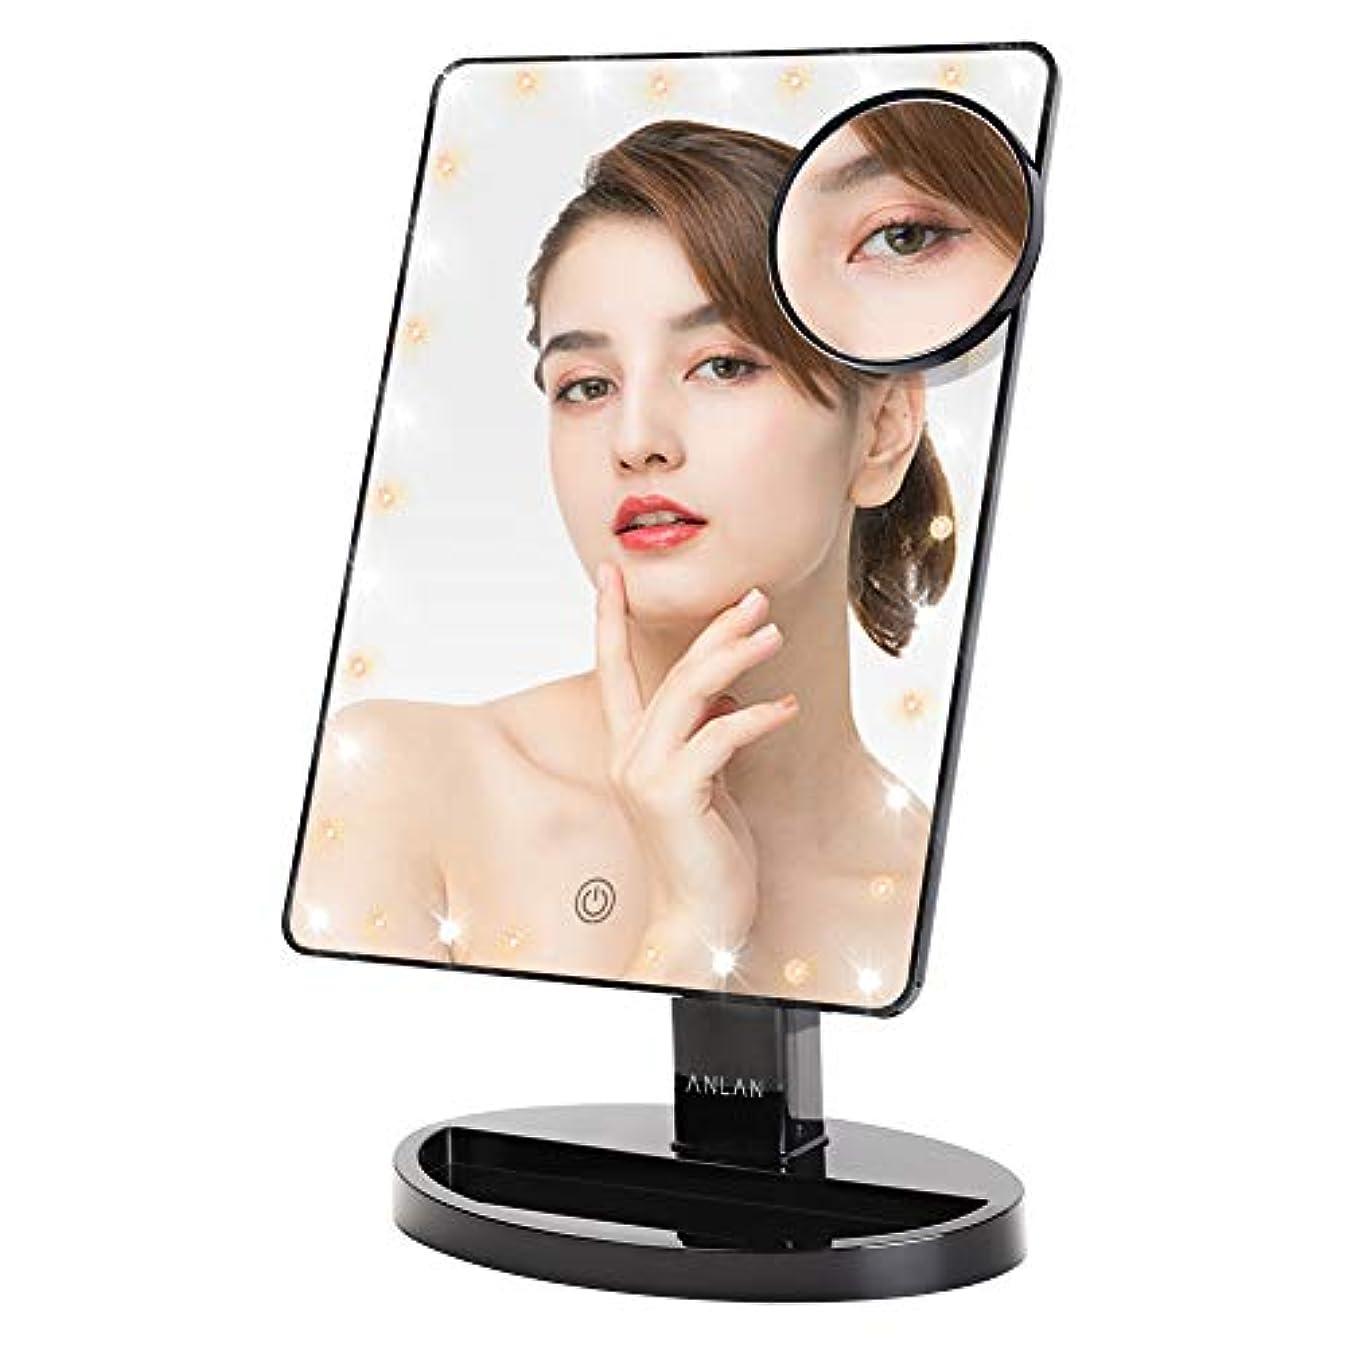 鹿腹痛高音卓上鏡 LED化粧鏡 ANLAN 女優ミラー 10倍拡大鏡付き スタンド 明るさ調節可能 360°回転式 前後180°無階段調整 USB/単三電池給電